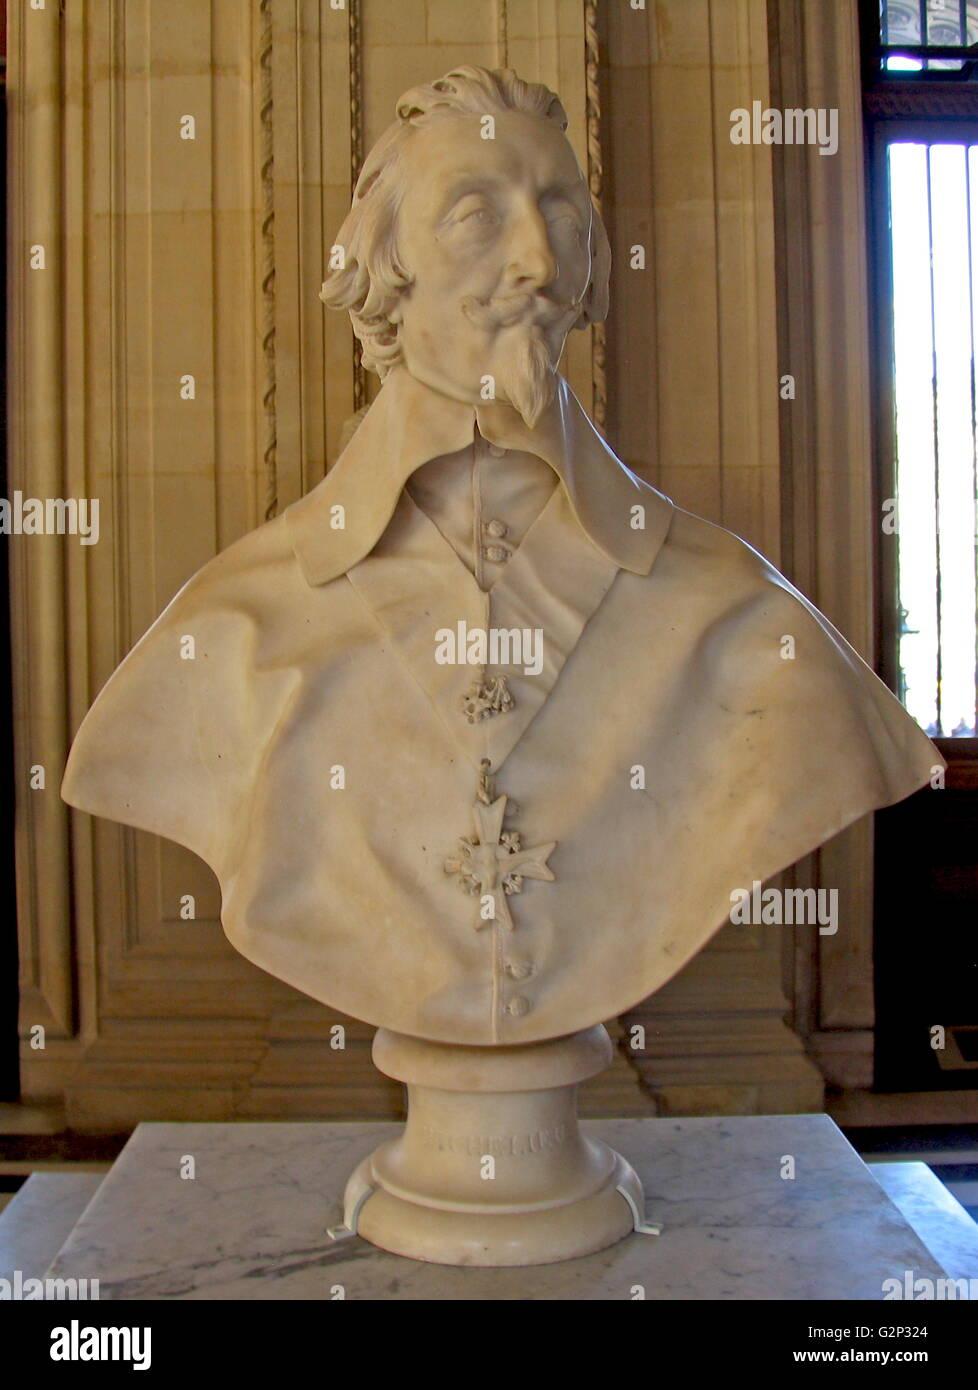 Cardinal Richelieu Sculpture by Gian Lorenzo Bernini. - Stock Image